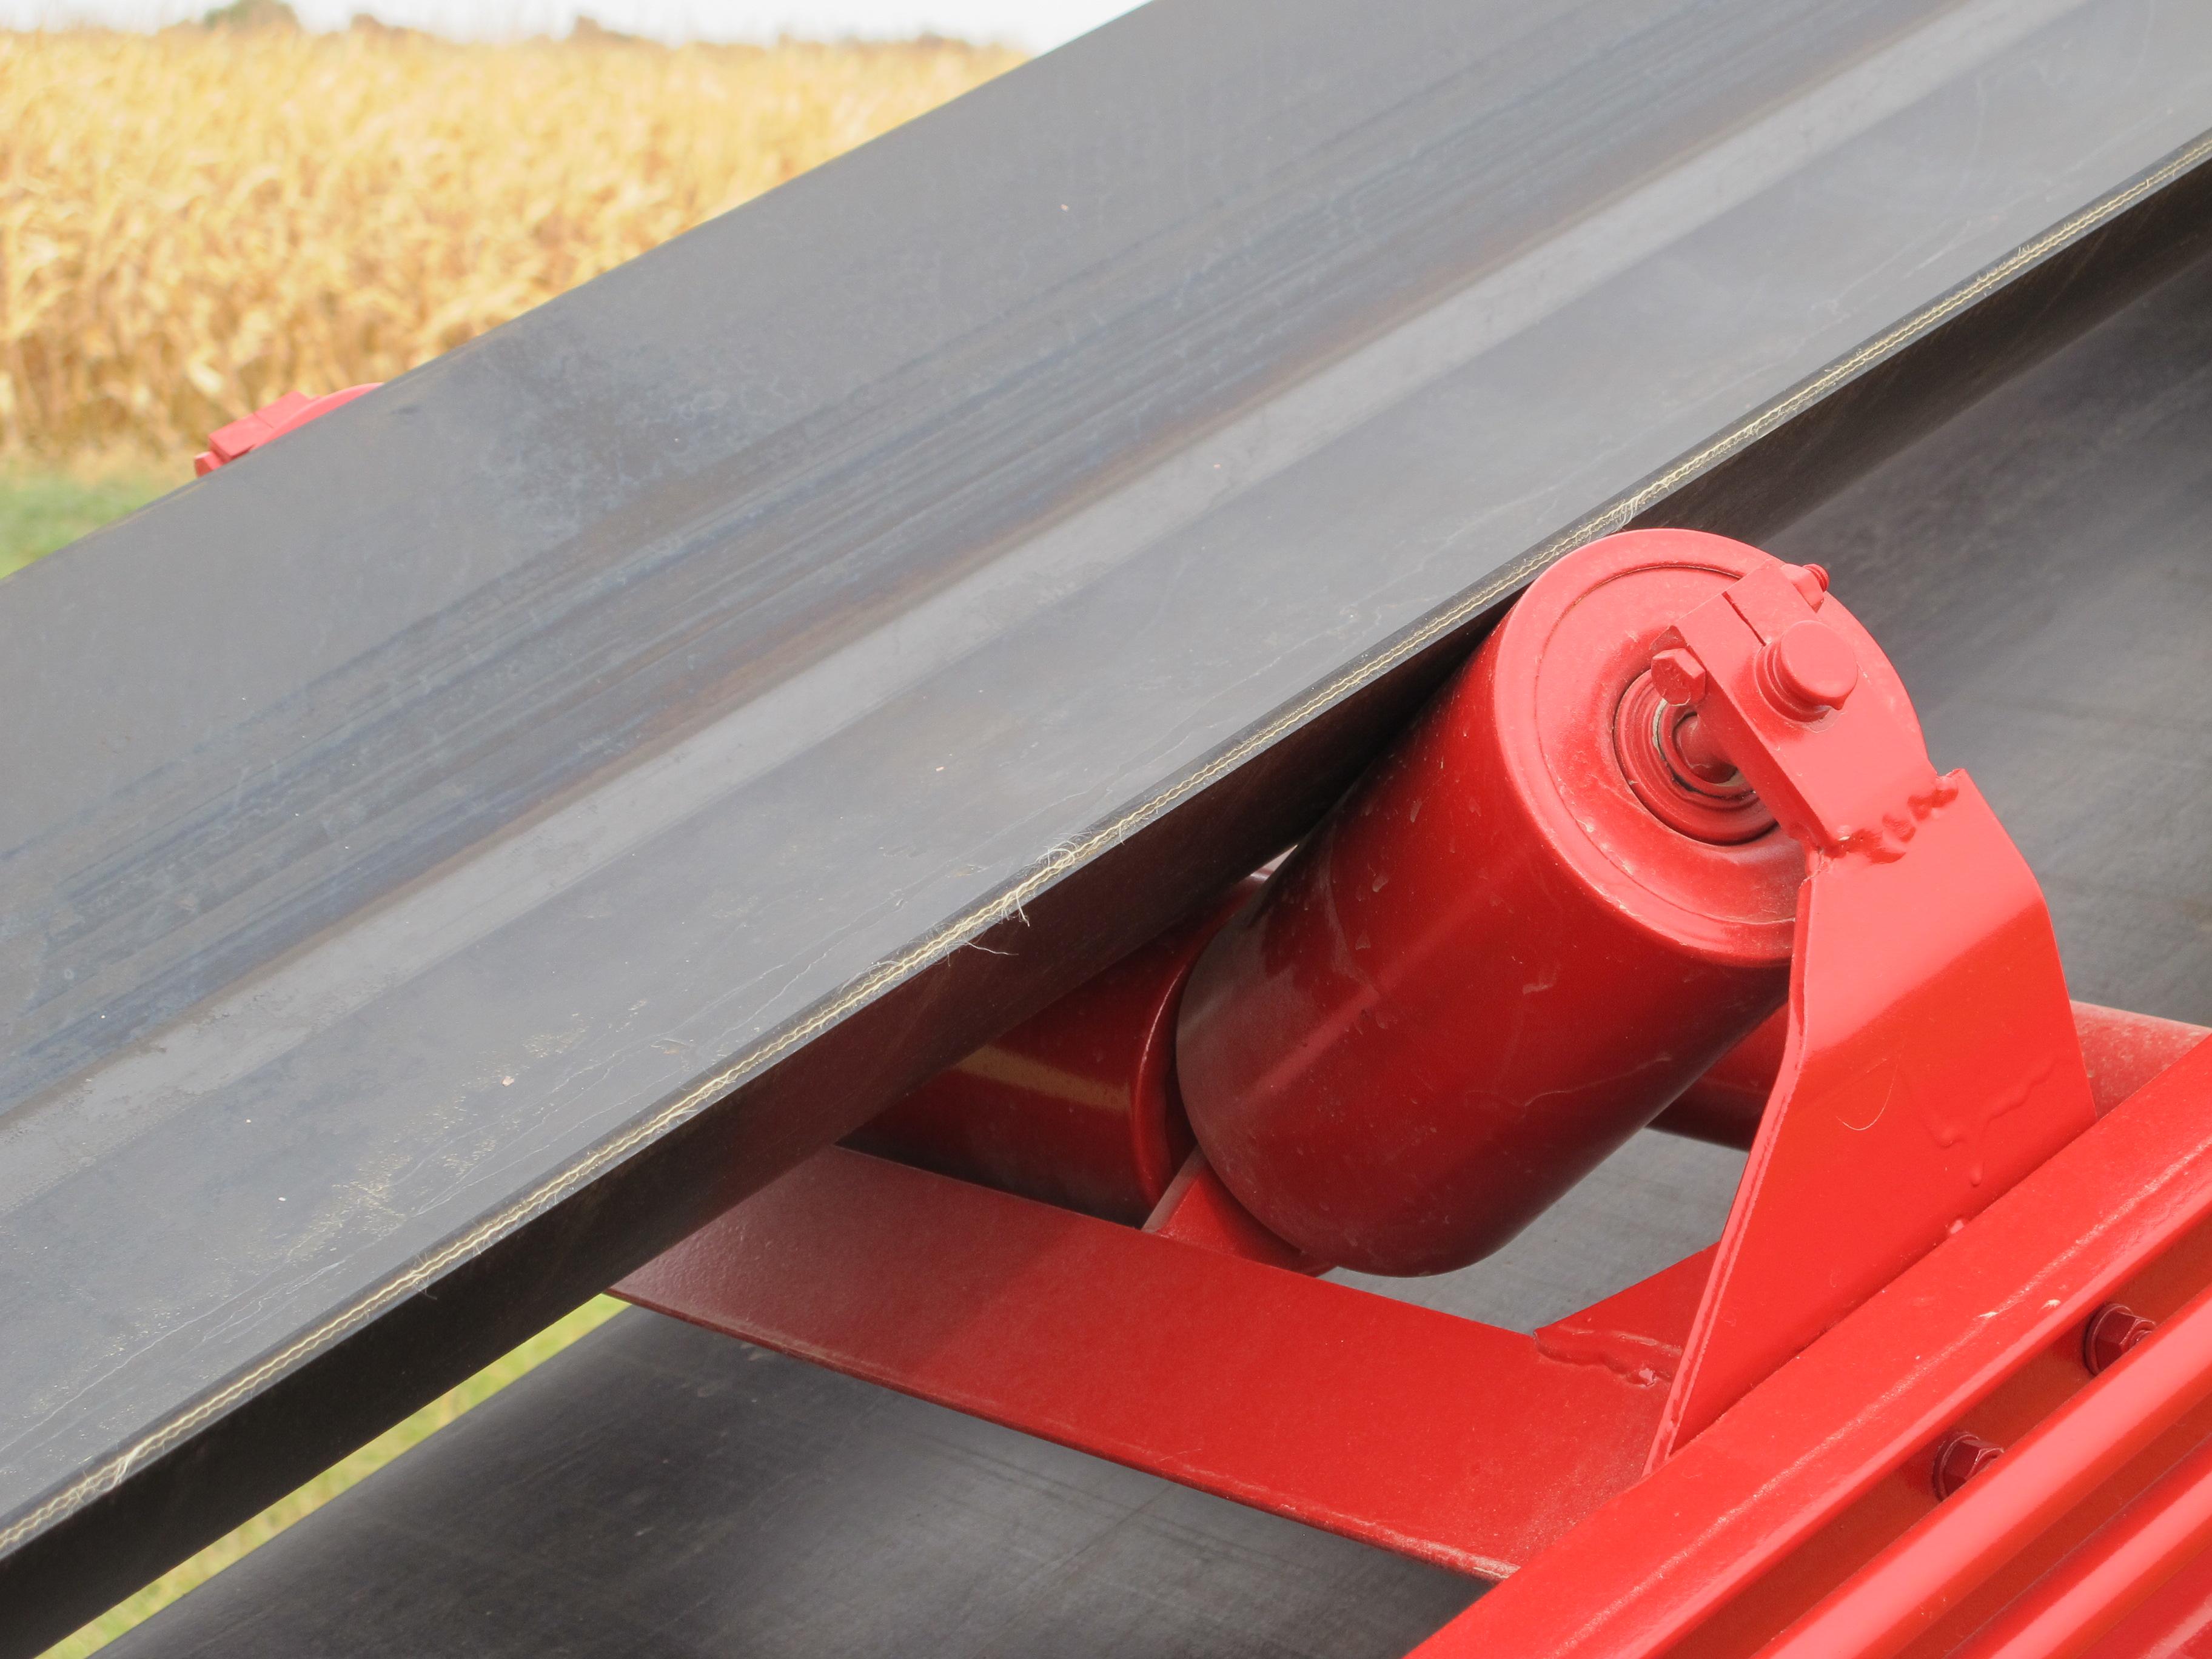 24 in Floater Loader conveyor roller